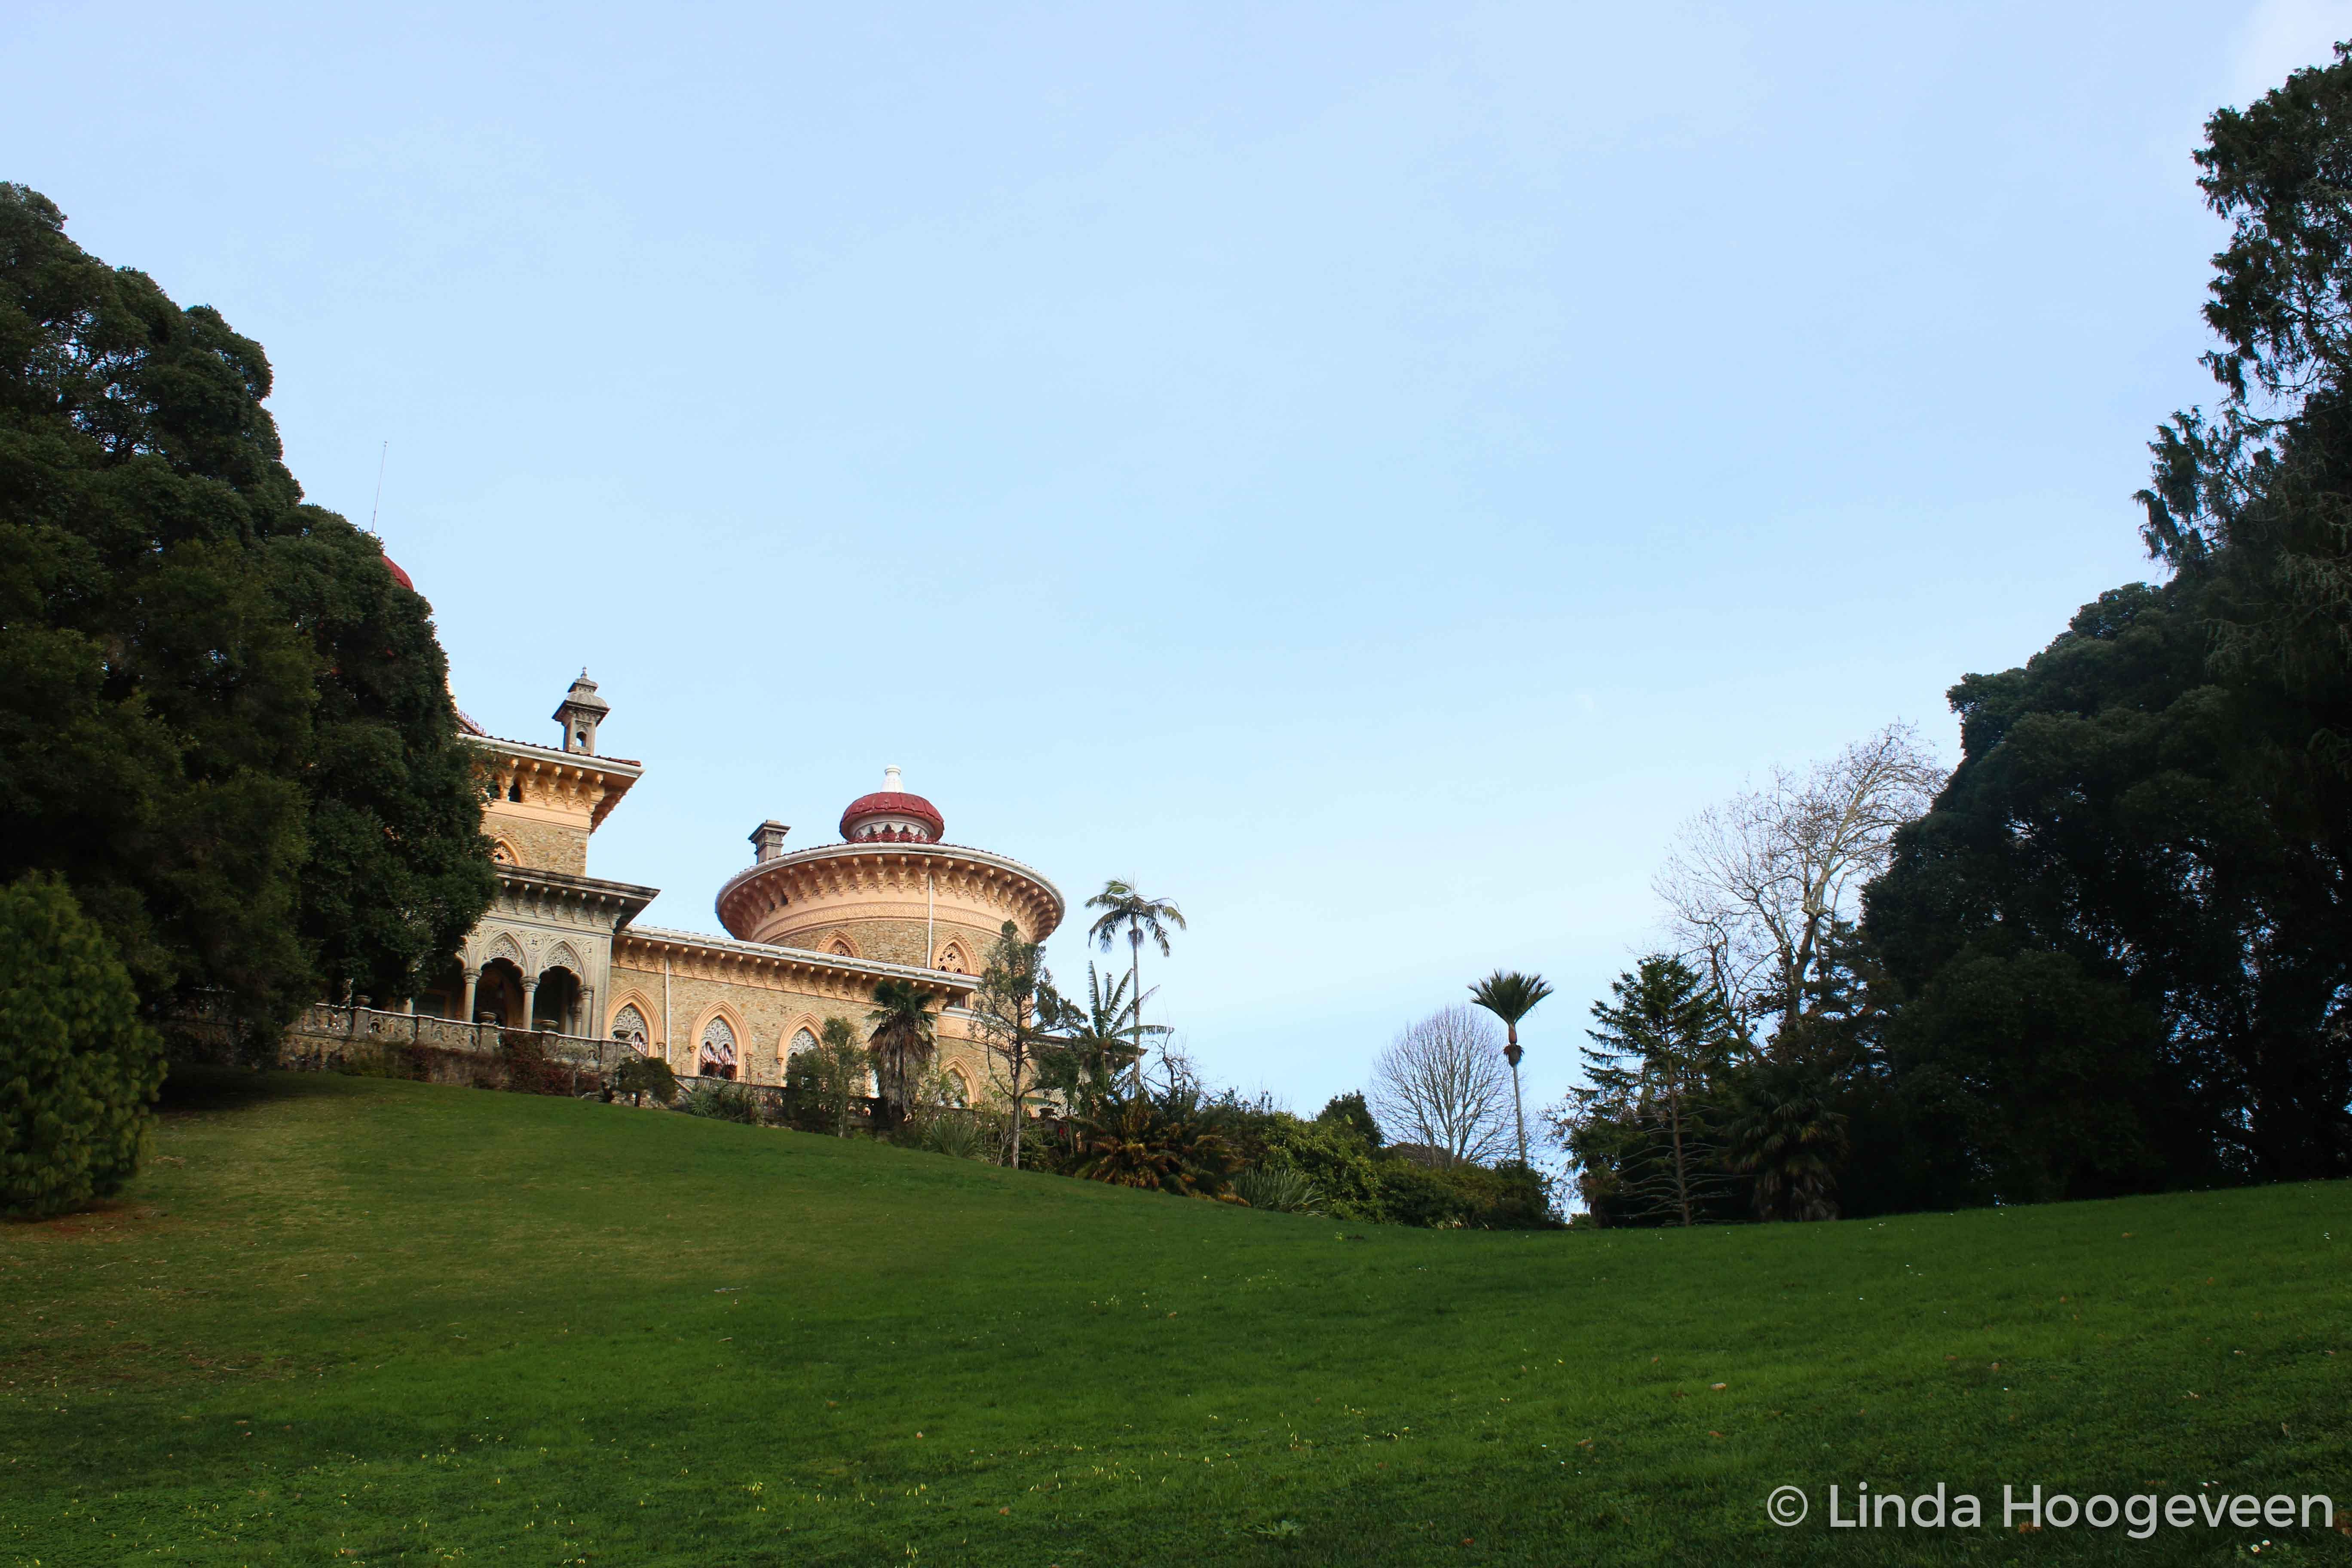 Palacio e Parque monserrate